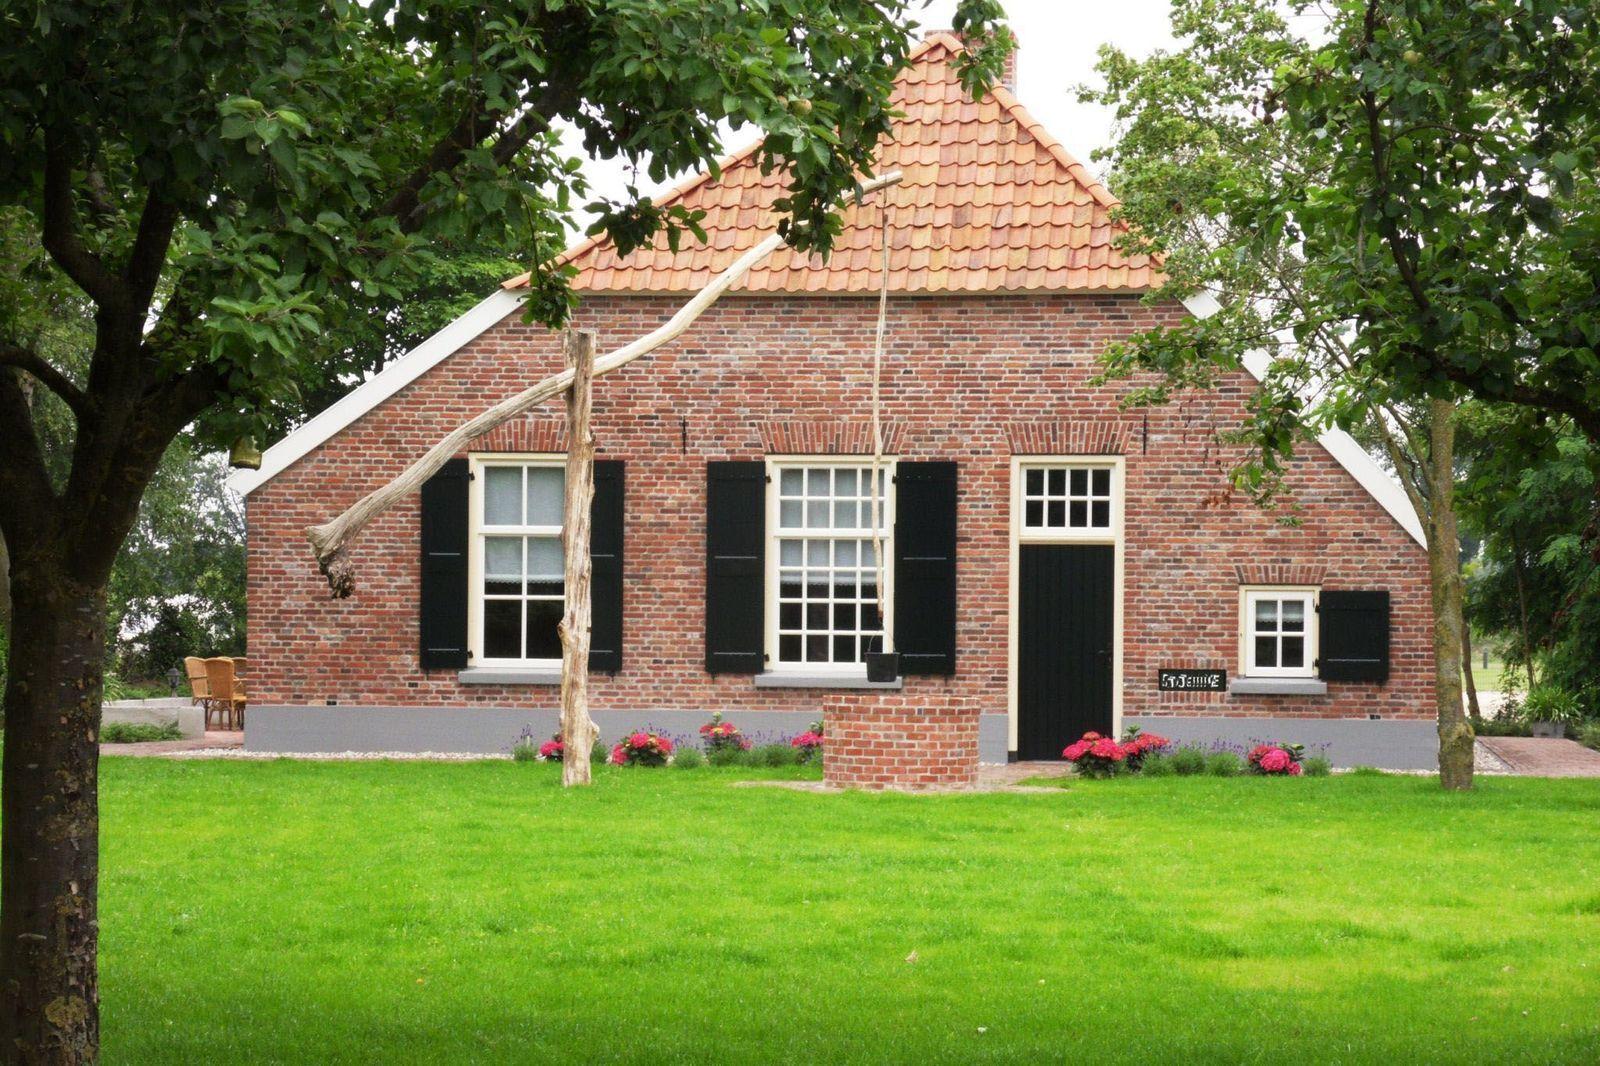 eibergen eib 1202 14 g ste gelderland niederlande gruppenurlaub holland de. Black Bedroom Furniture Sets. Home Design Ideas